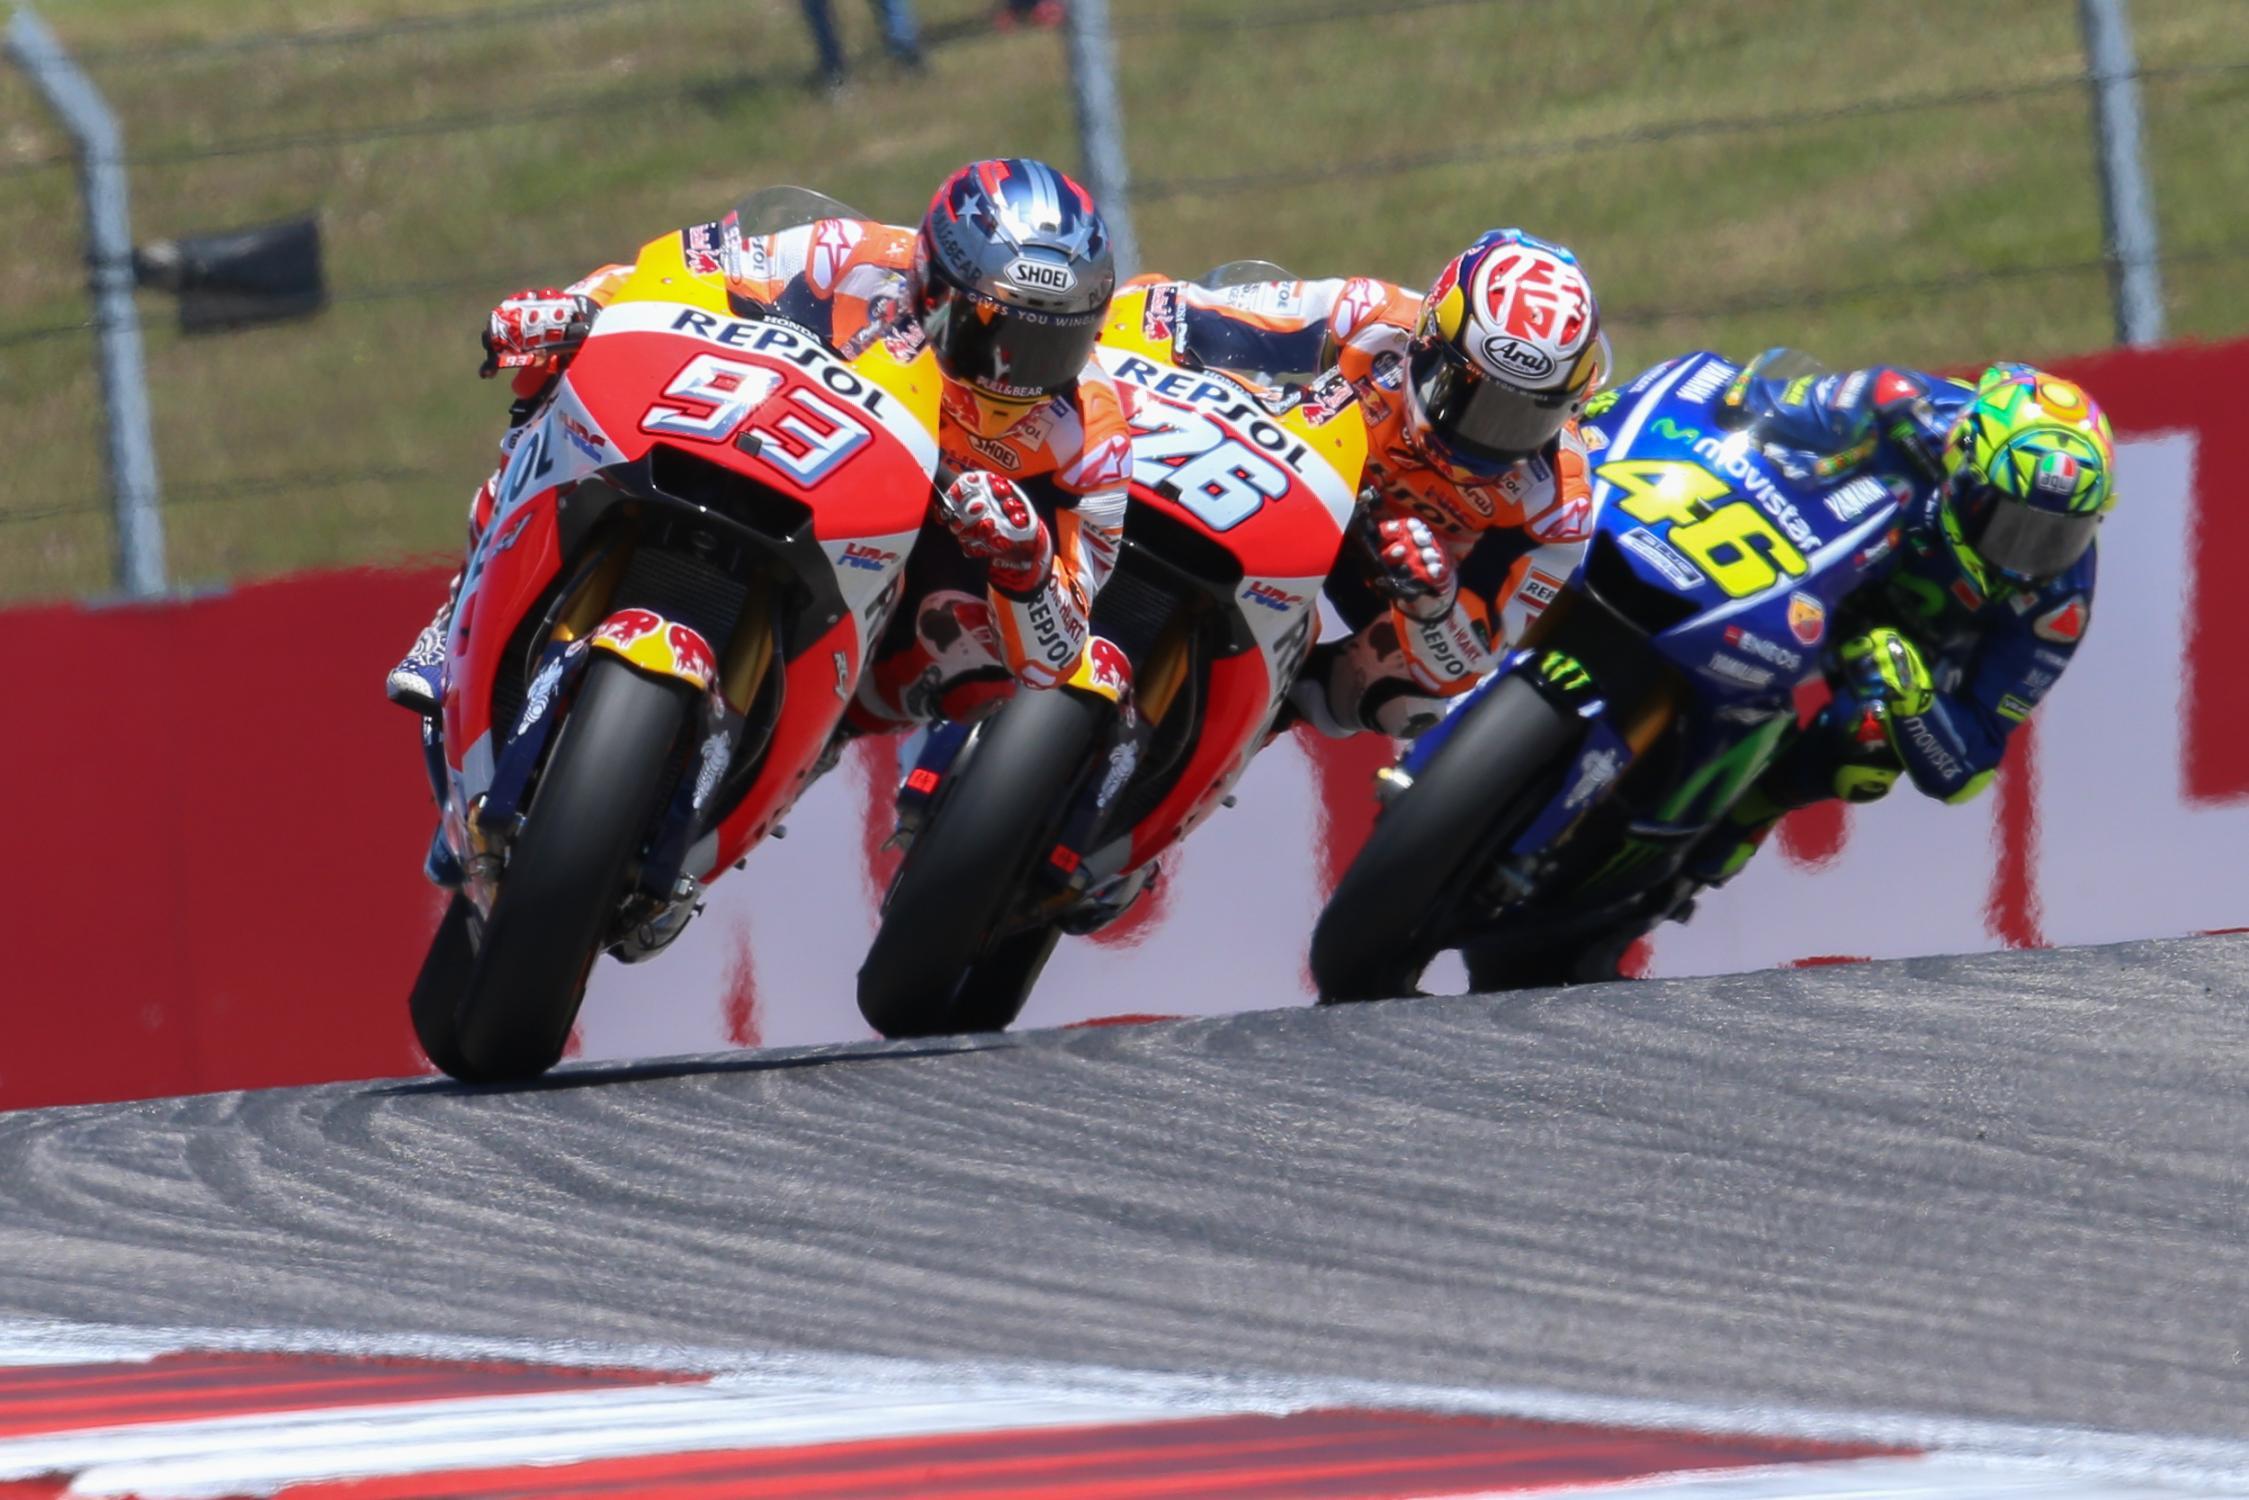 [MotoGP] Austin 26-dani-pedrosa-esp-46-valentino-rossi-ita-93-marc-marquez-espbl1_2944_0.gallery_full_top_fullscreen